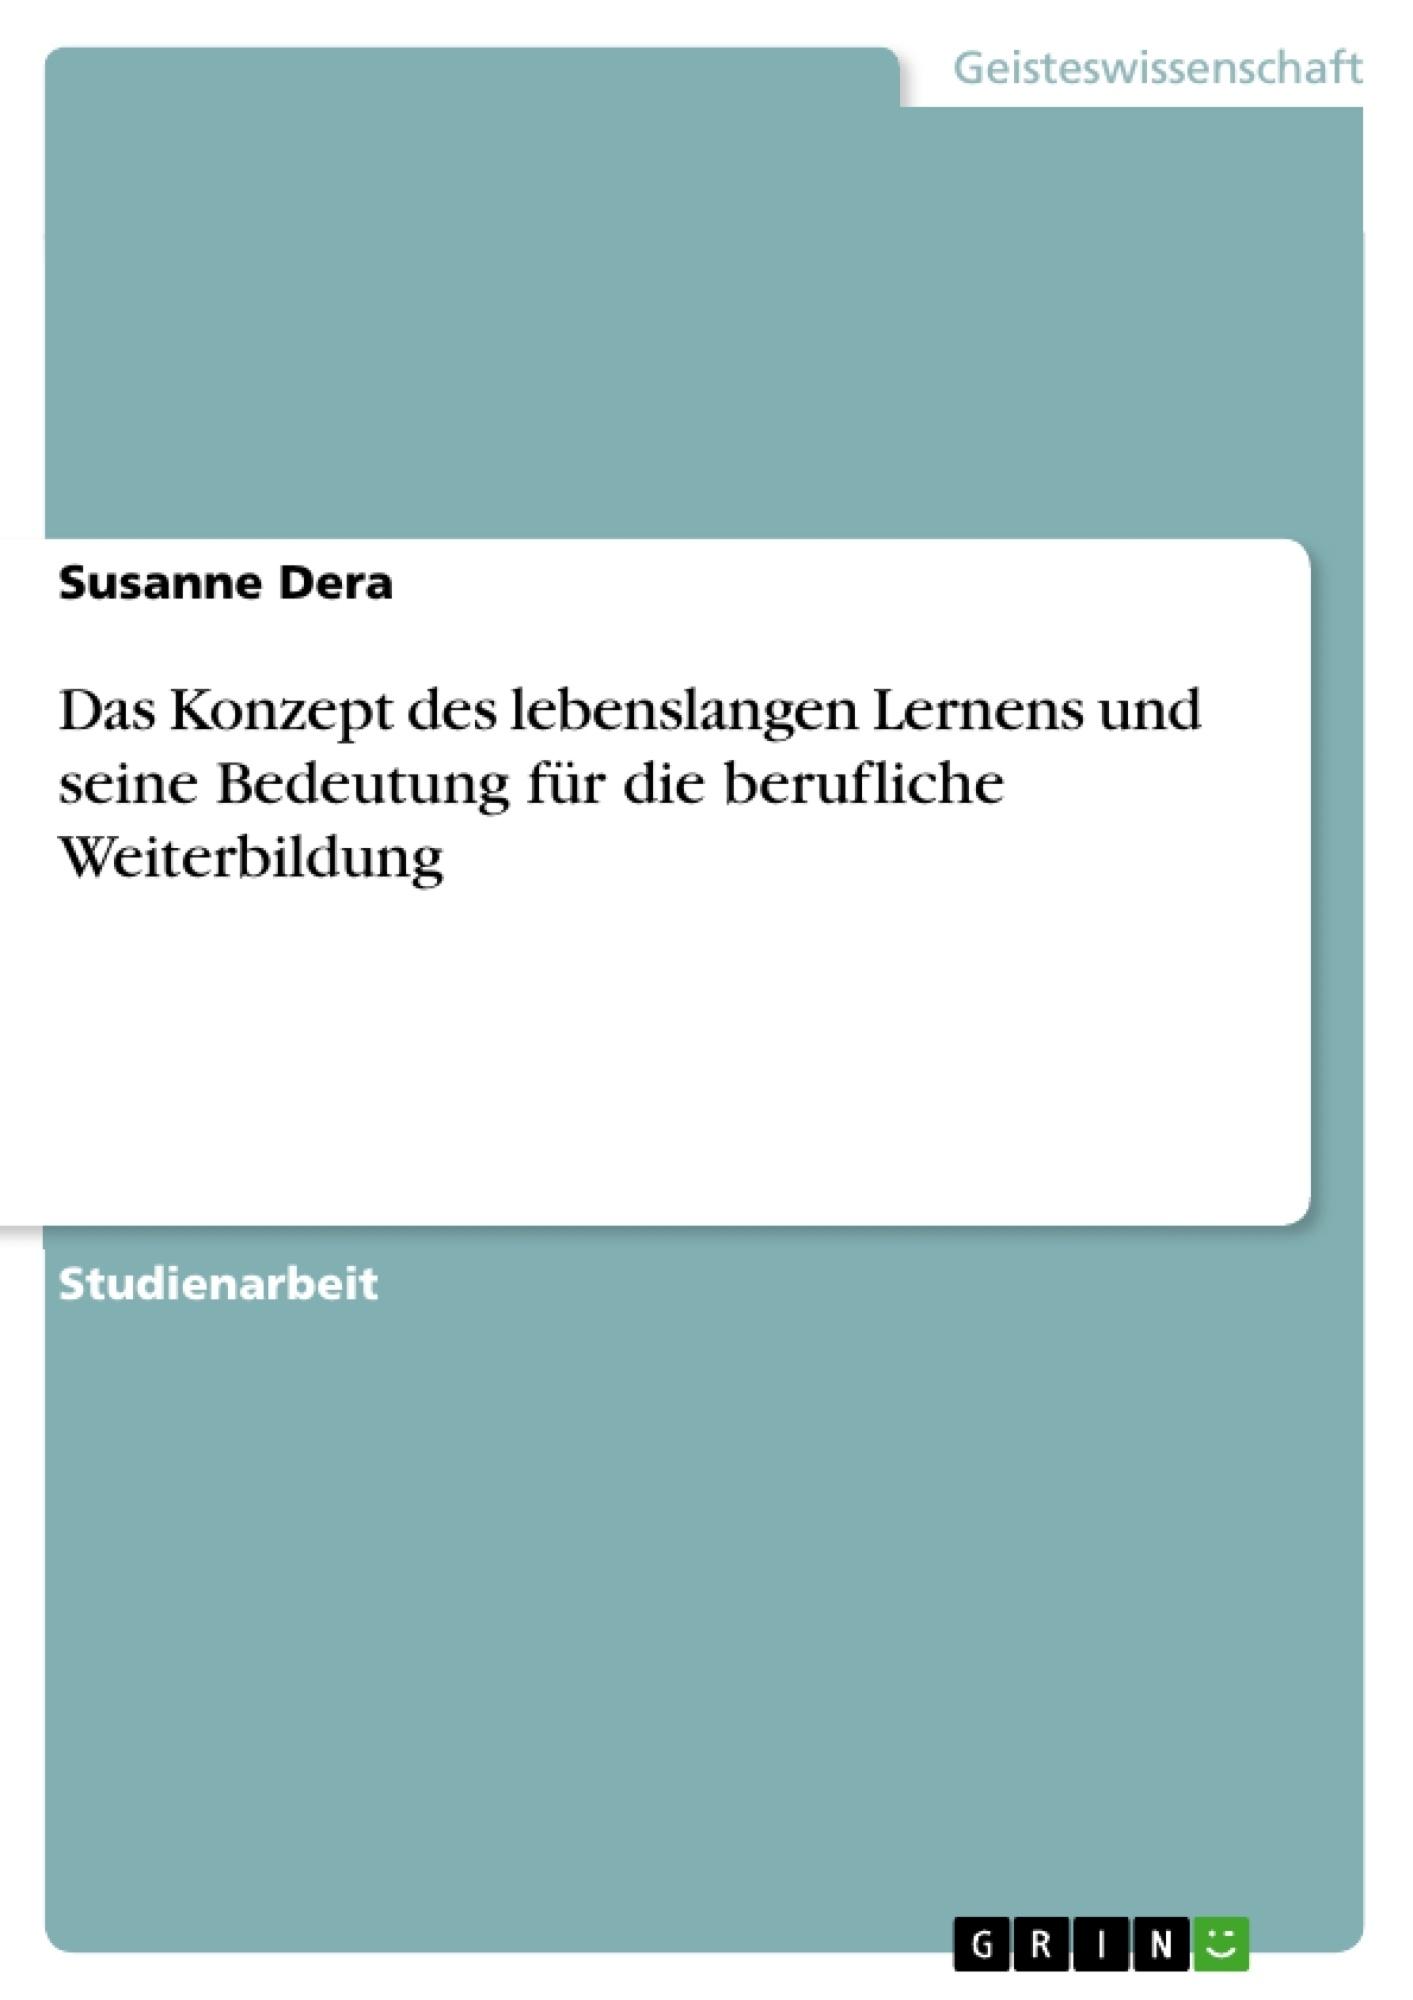 Titel: Das Konzept des lebenslangen Lernens und seine Bedeutung für die berufliche Weiterbildung